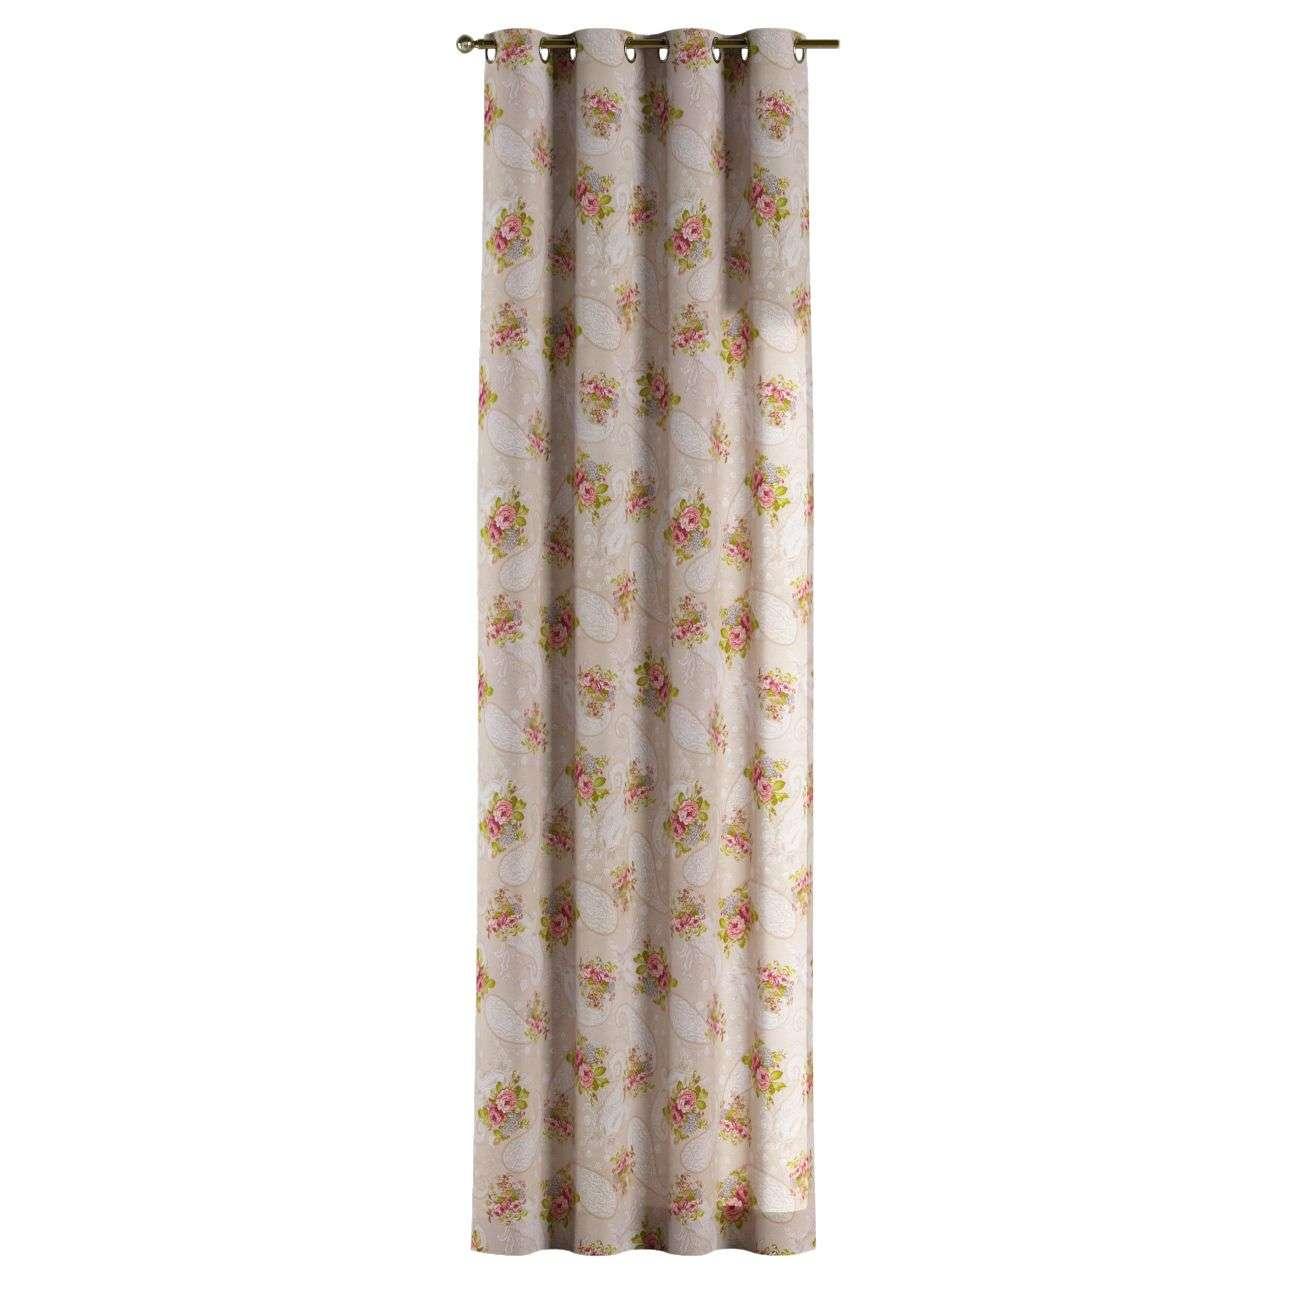 Žiedinio klostavimo užuolaidos 130 x 260 cm (plotis x ilgis) kolekcijoje Flowers, audinys: 311-15